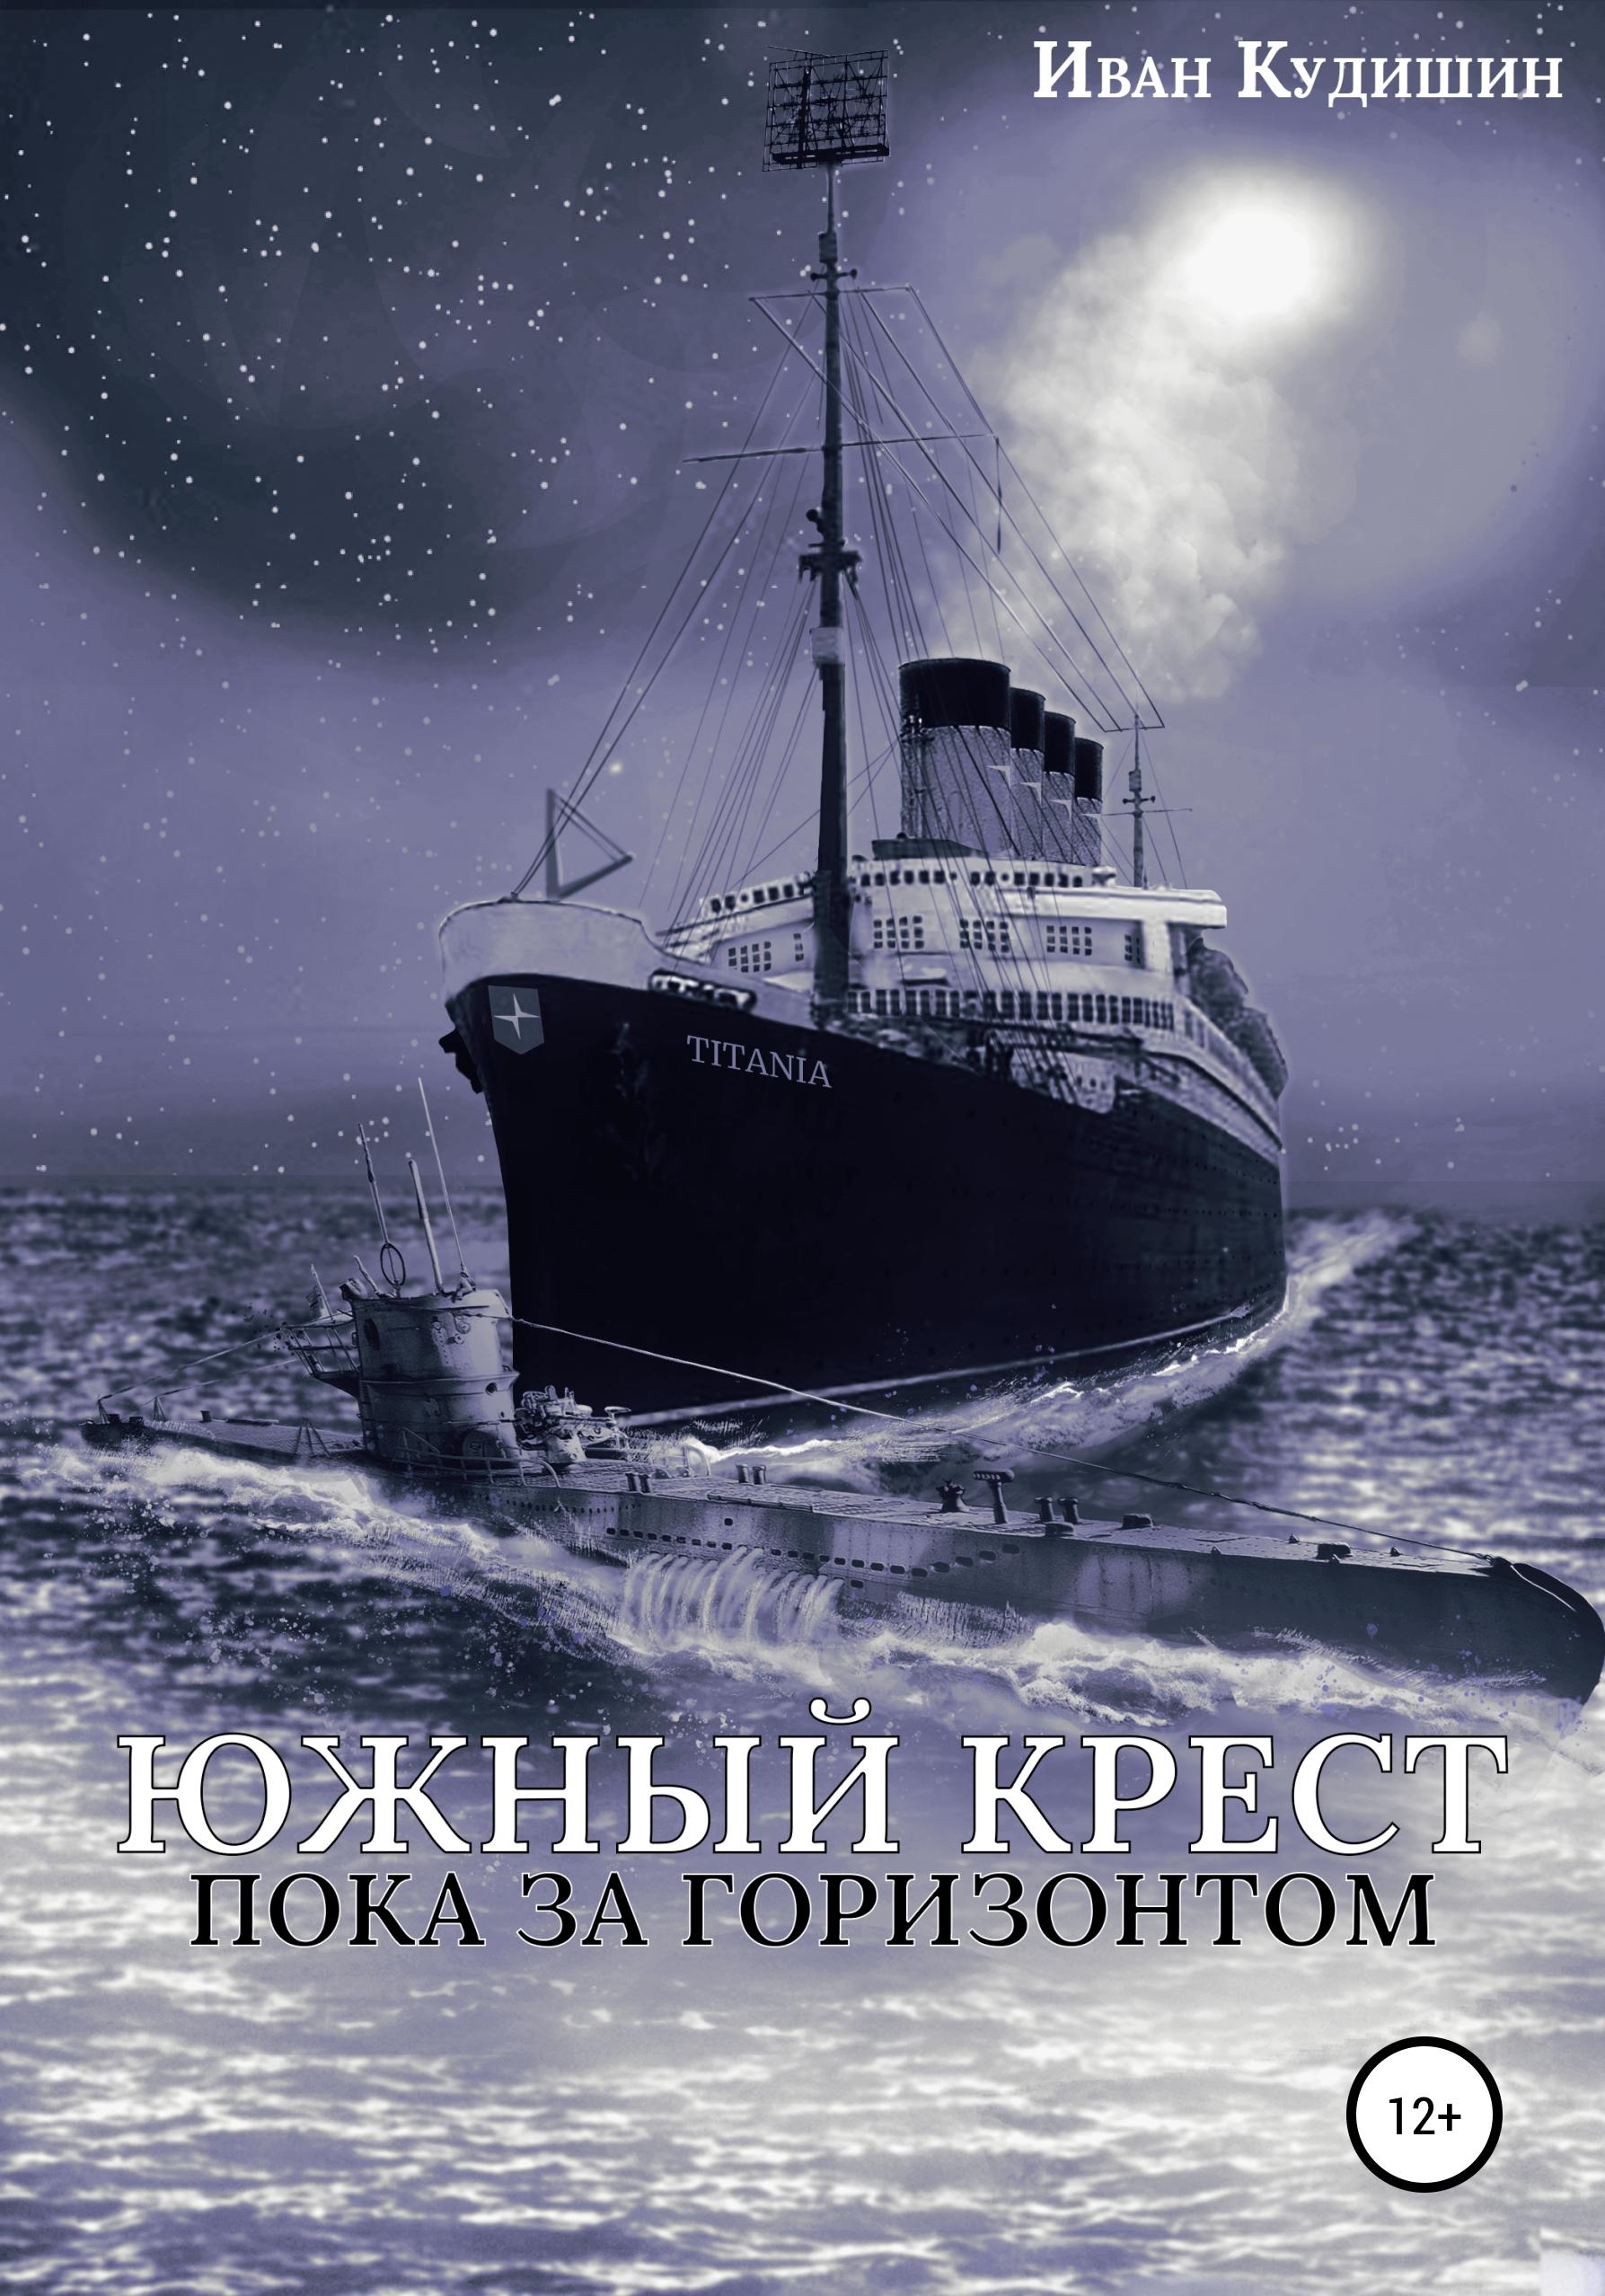 Купить книгу Южный Крест пока за горизонтом, автора Ивана Владимировича Кудишина